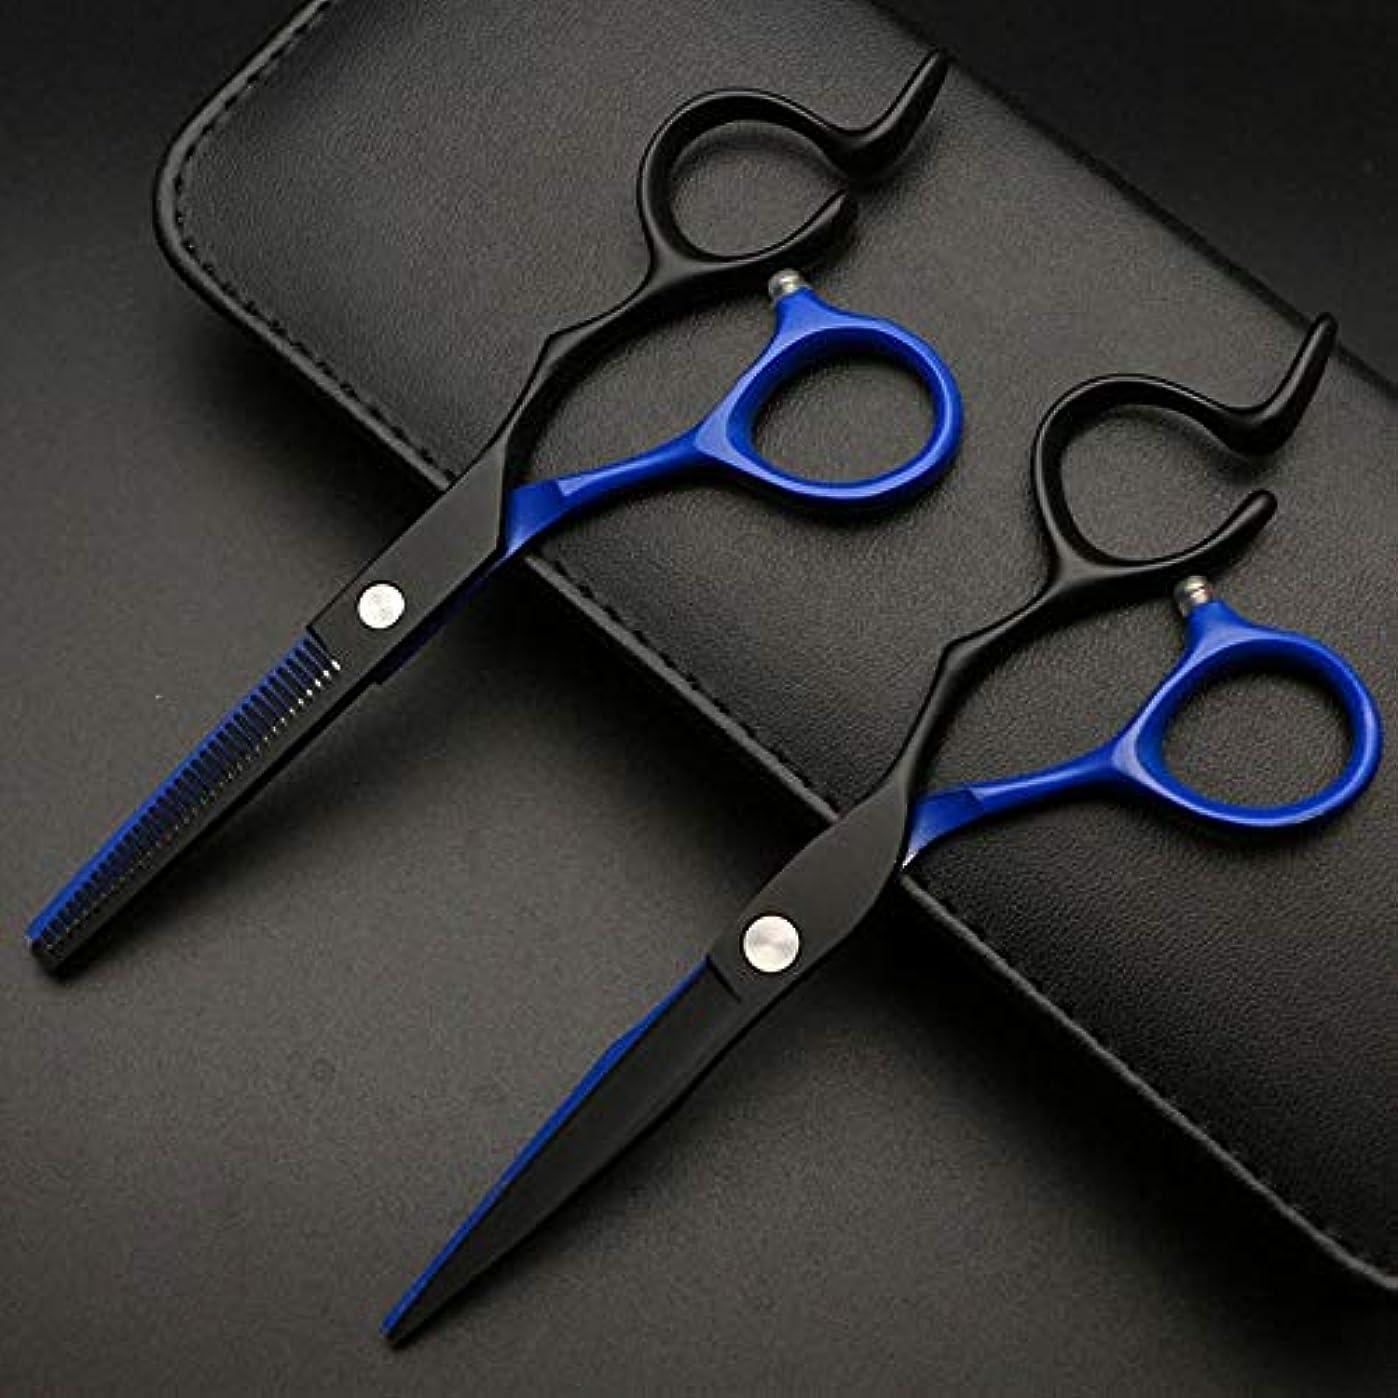 あなたのものアストロラーベ是正する理髪用はさみ 5.5インチカラーペイント理髪はさみ、理髪はさみセットコンビネーションヘアカットはさみステンレス理髪はさみ (色 : Black blue)